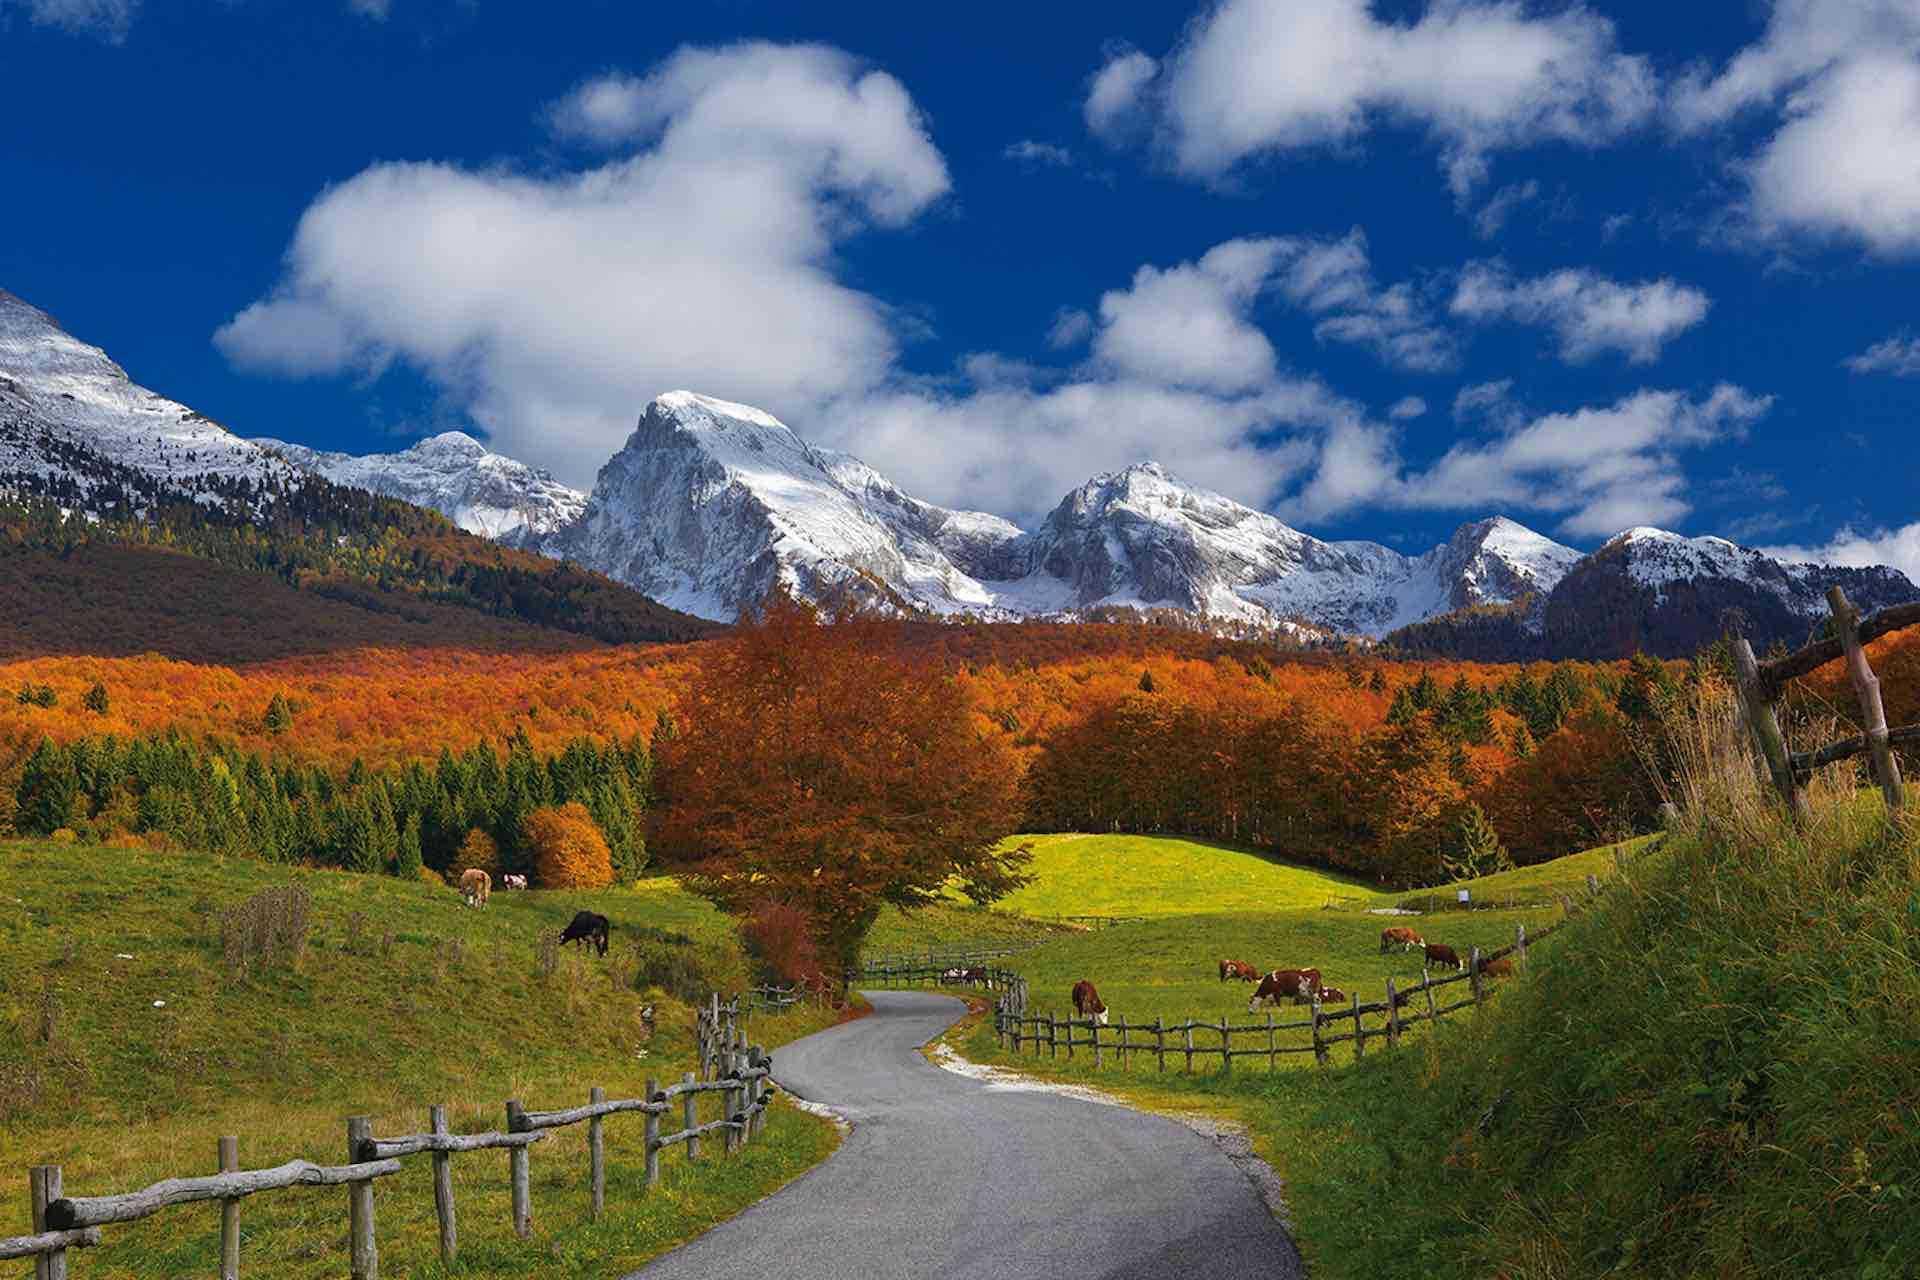 Visita la Foresta del Cansiglio a ridosso delle Colline del Prosecco Superiore